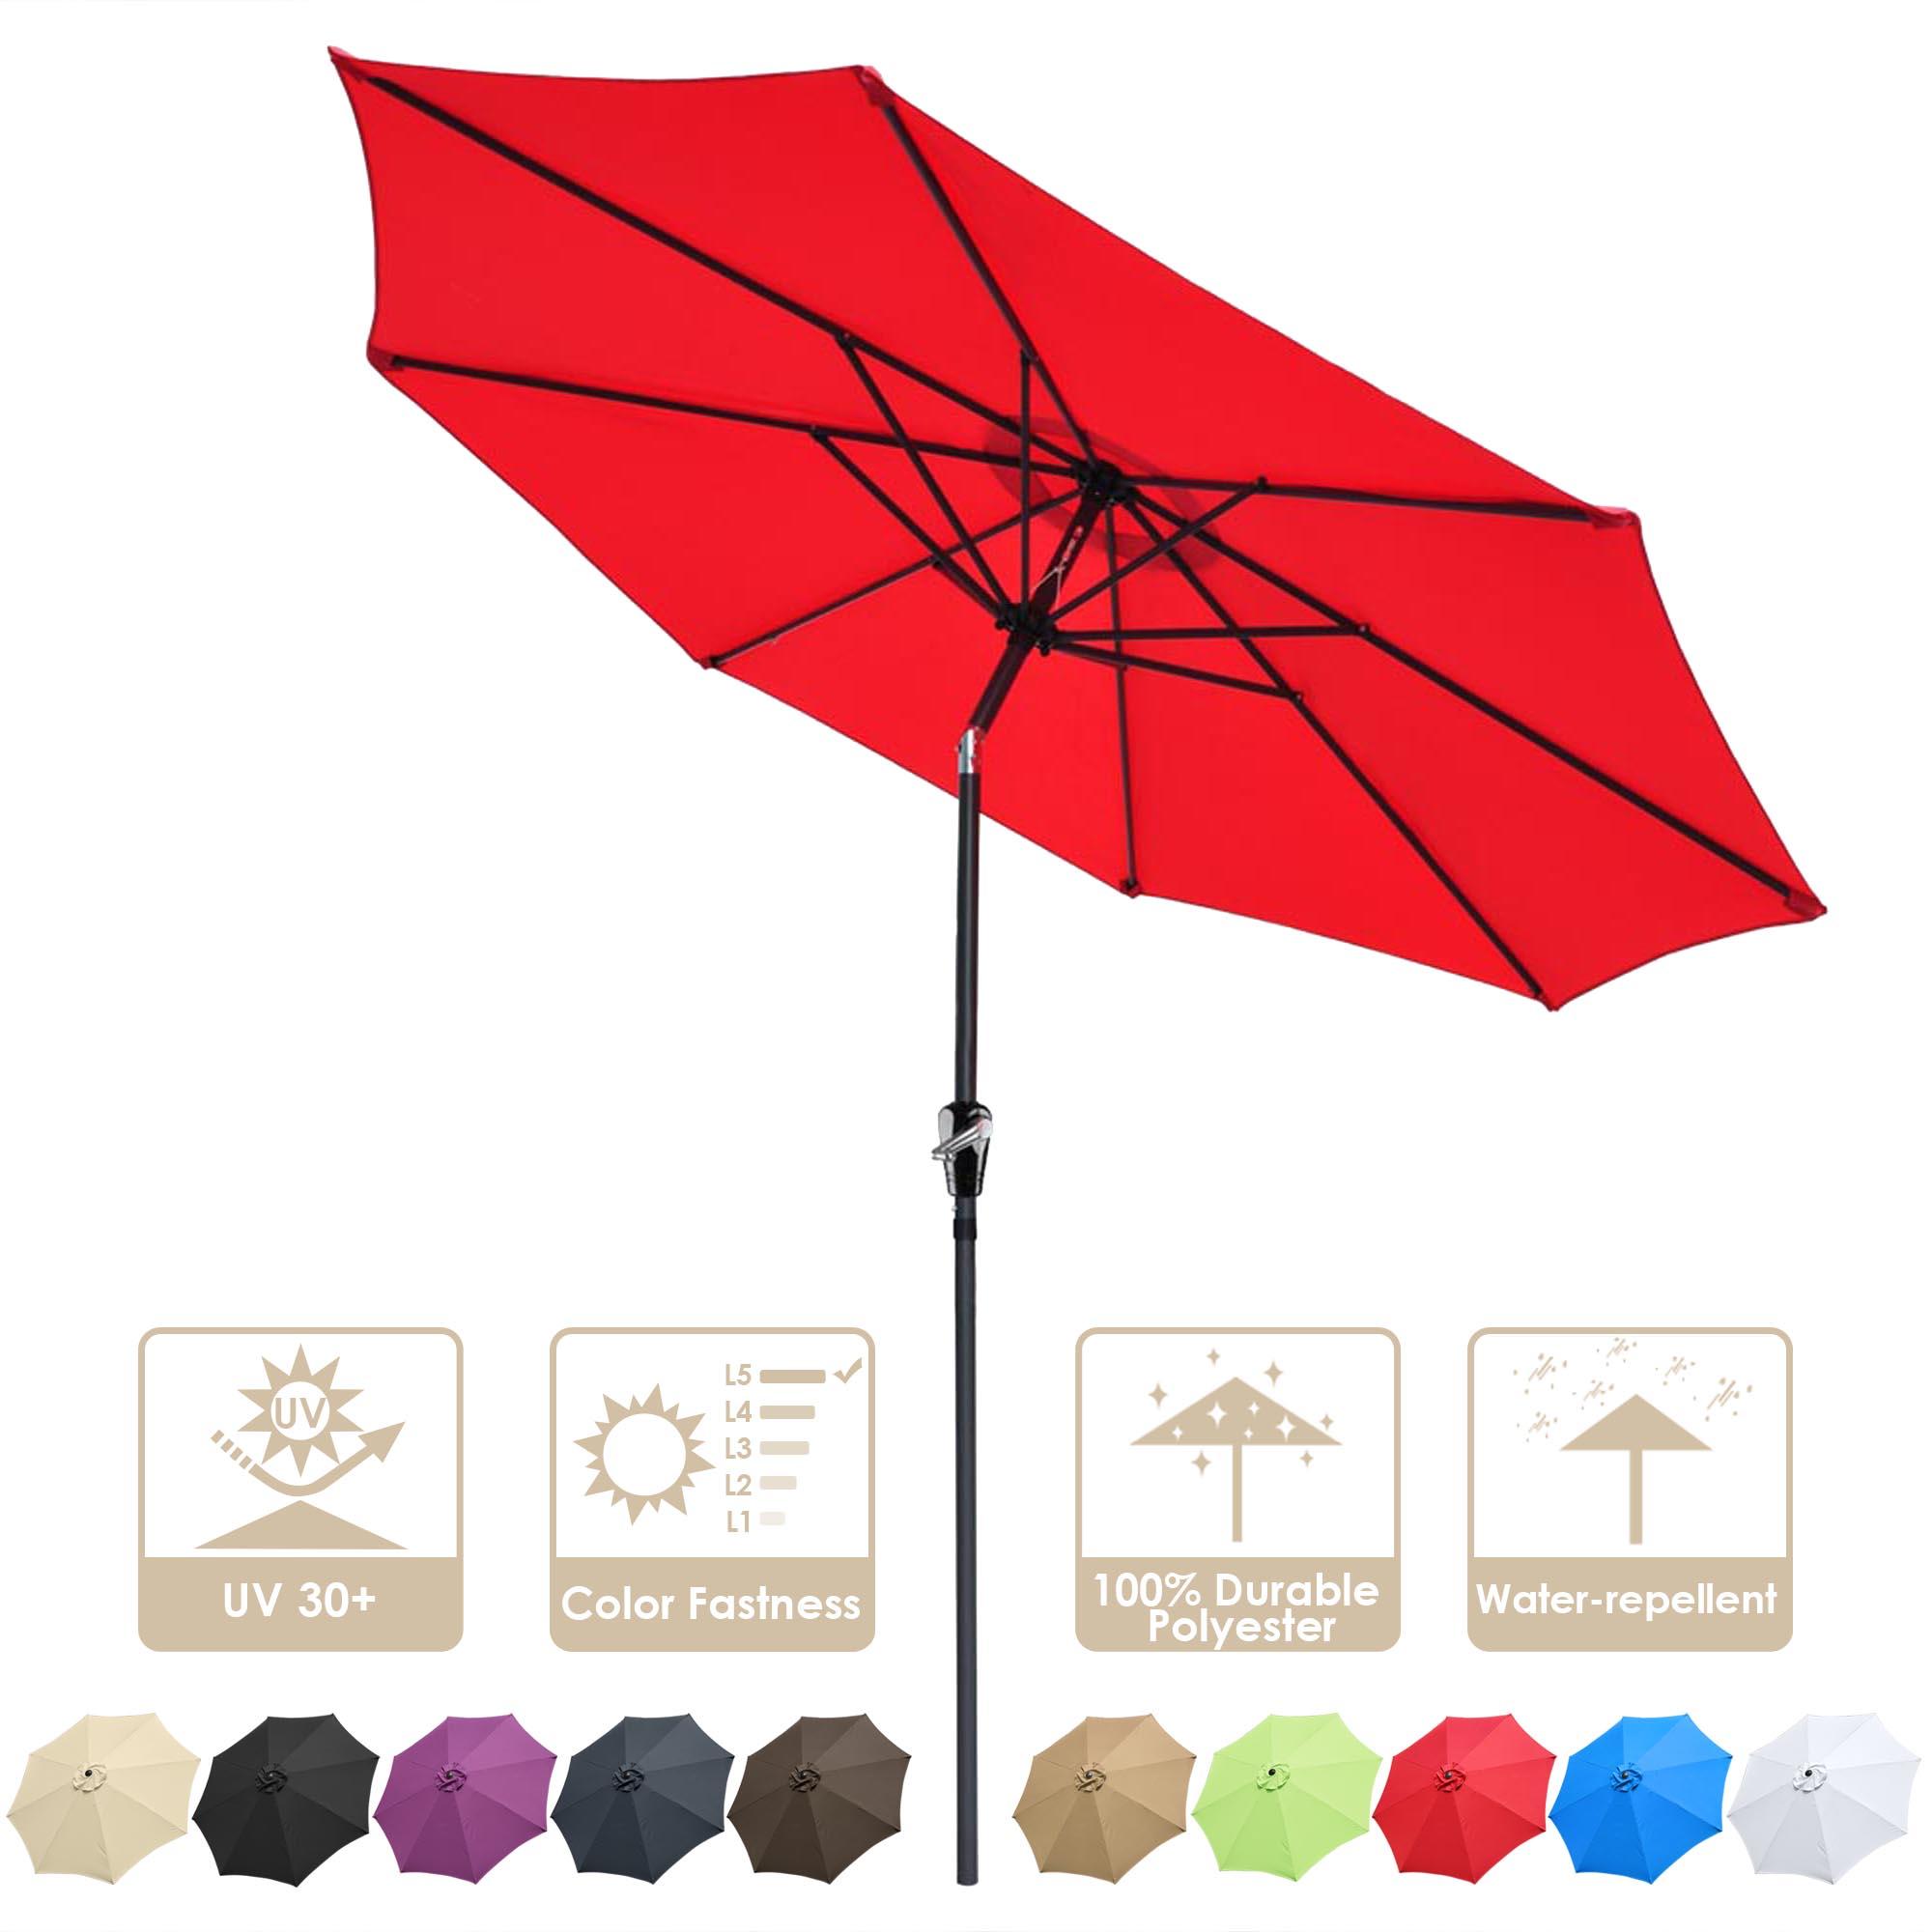 thumbnail 95 - 9' Outdoor Umbrella Patio 8 Ribs Market Garden Crank Tilt Beach Sunshade Parasol